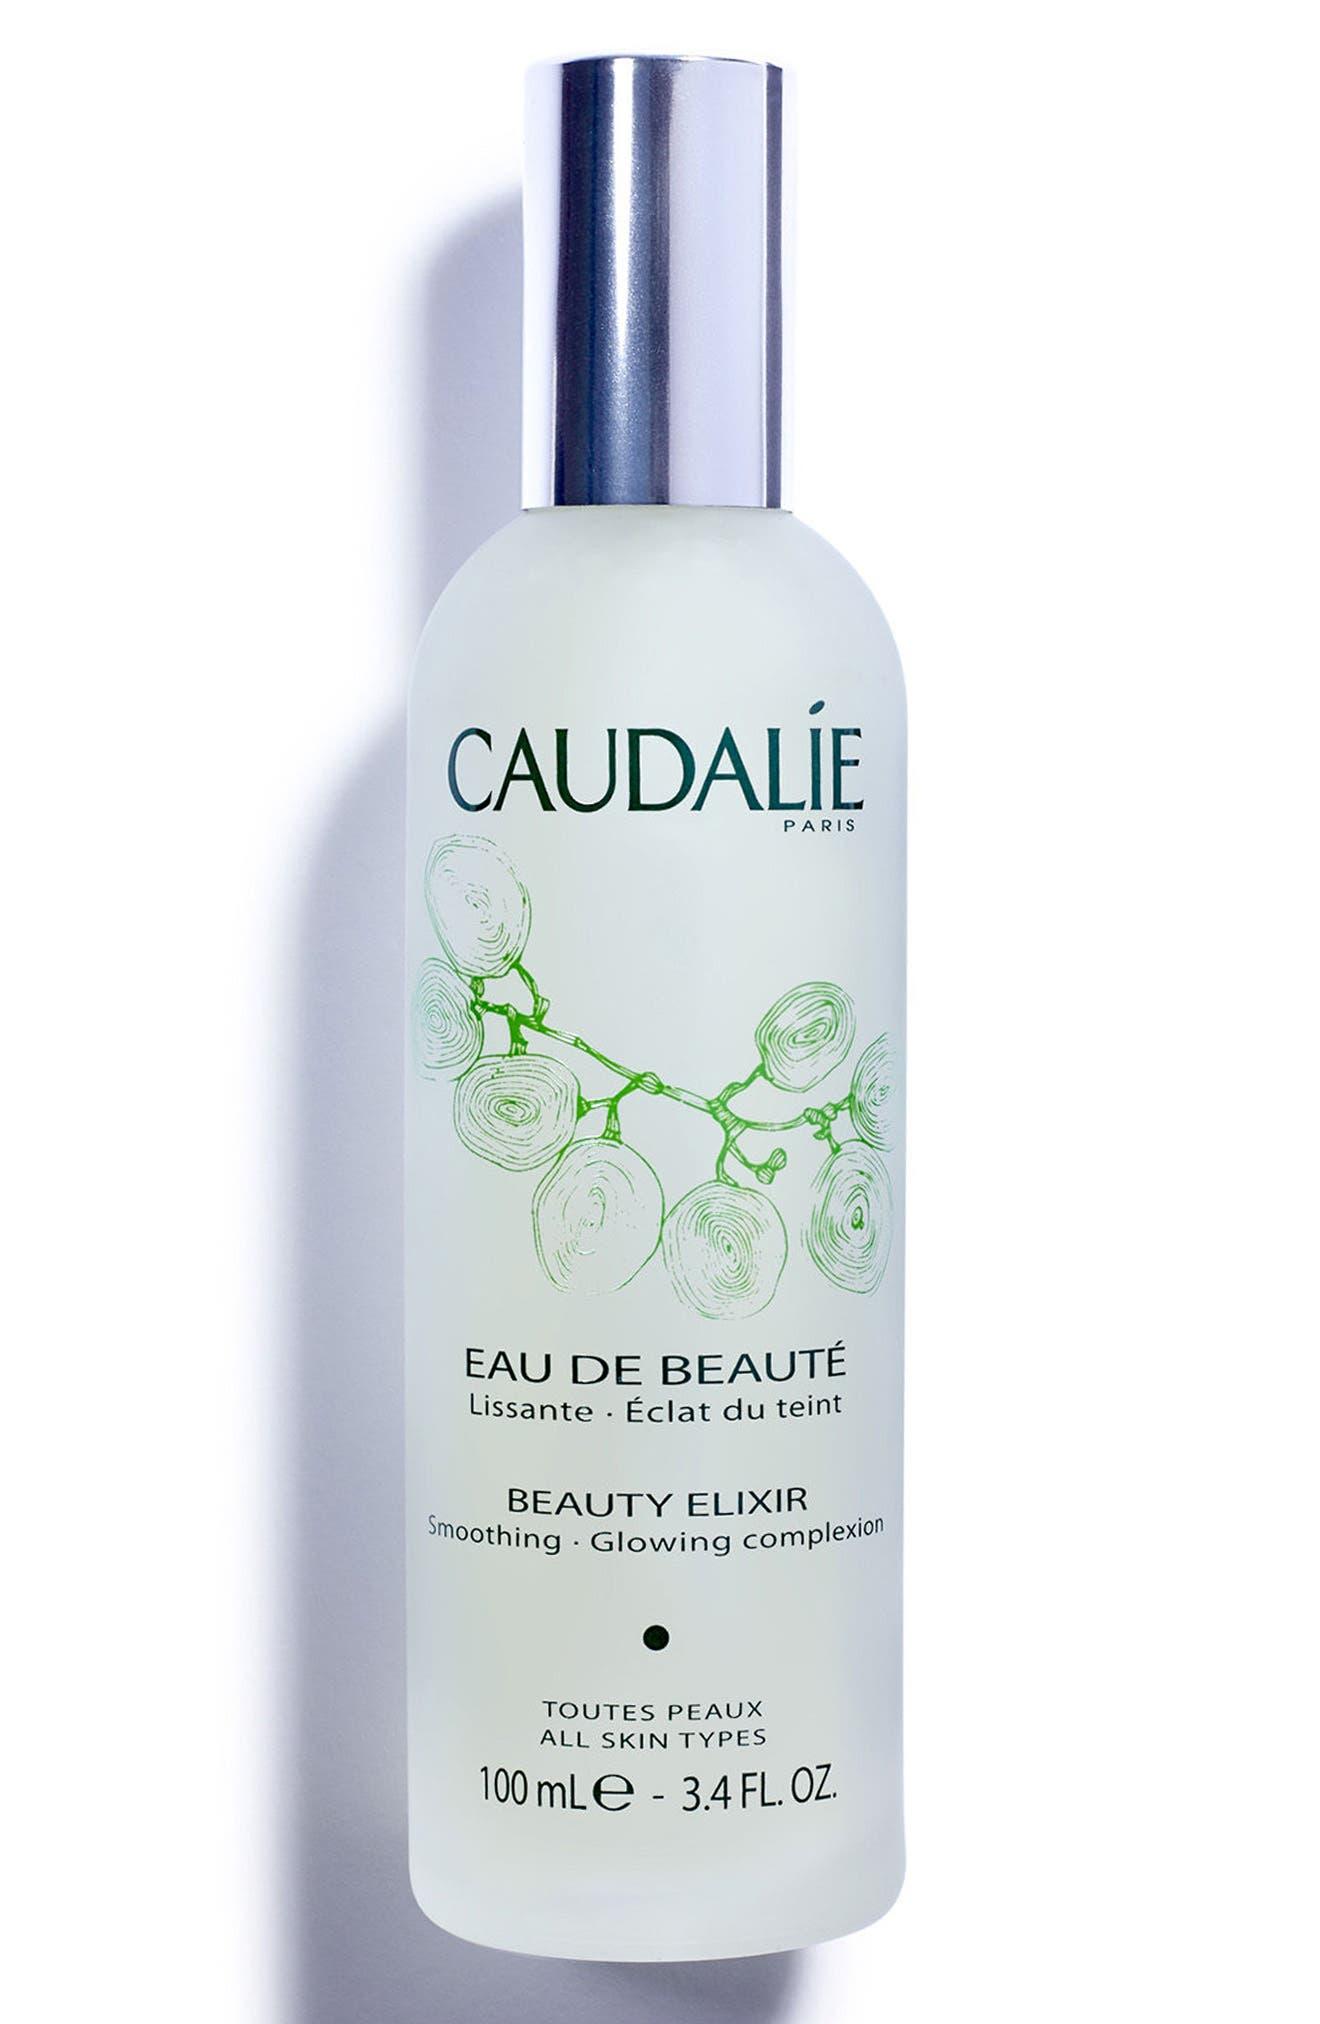 CAUDALÍE Beauty Elixir, Main, color, NO COLOR